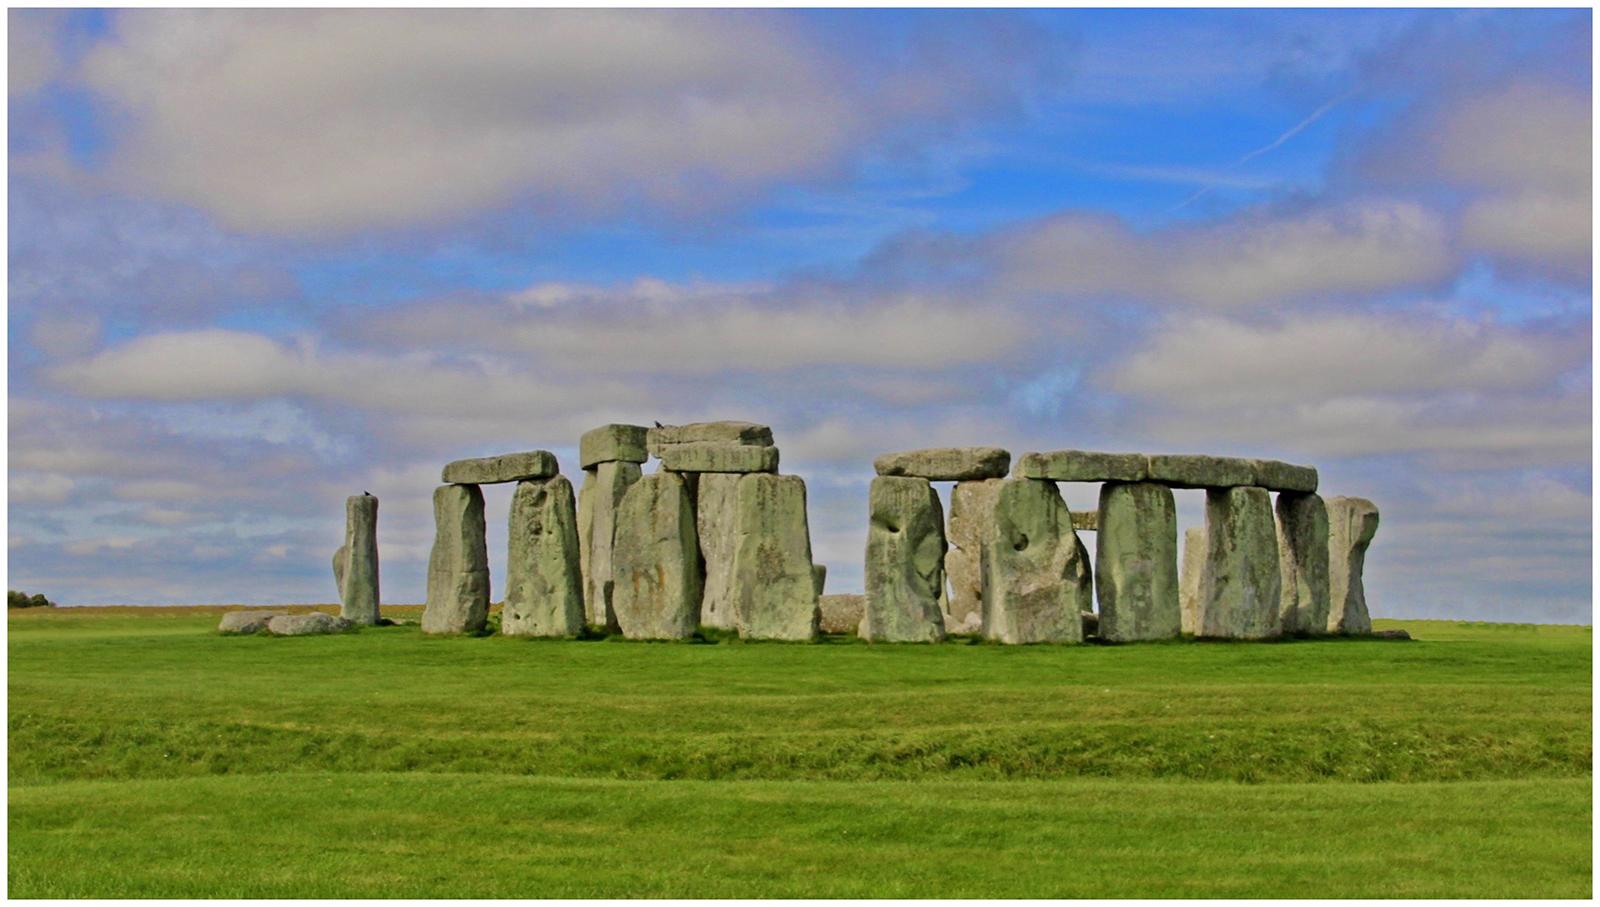 007_Stonehenge